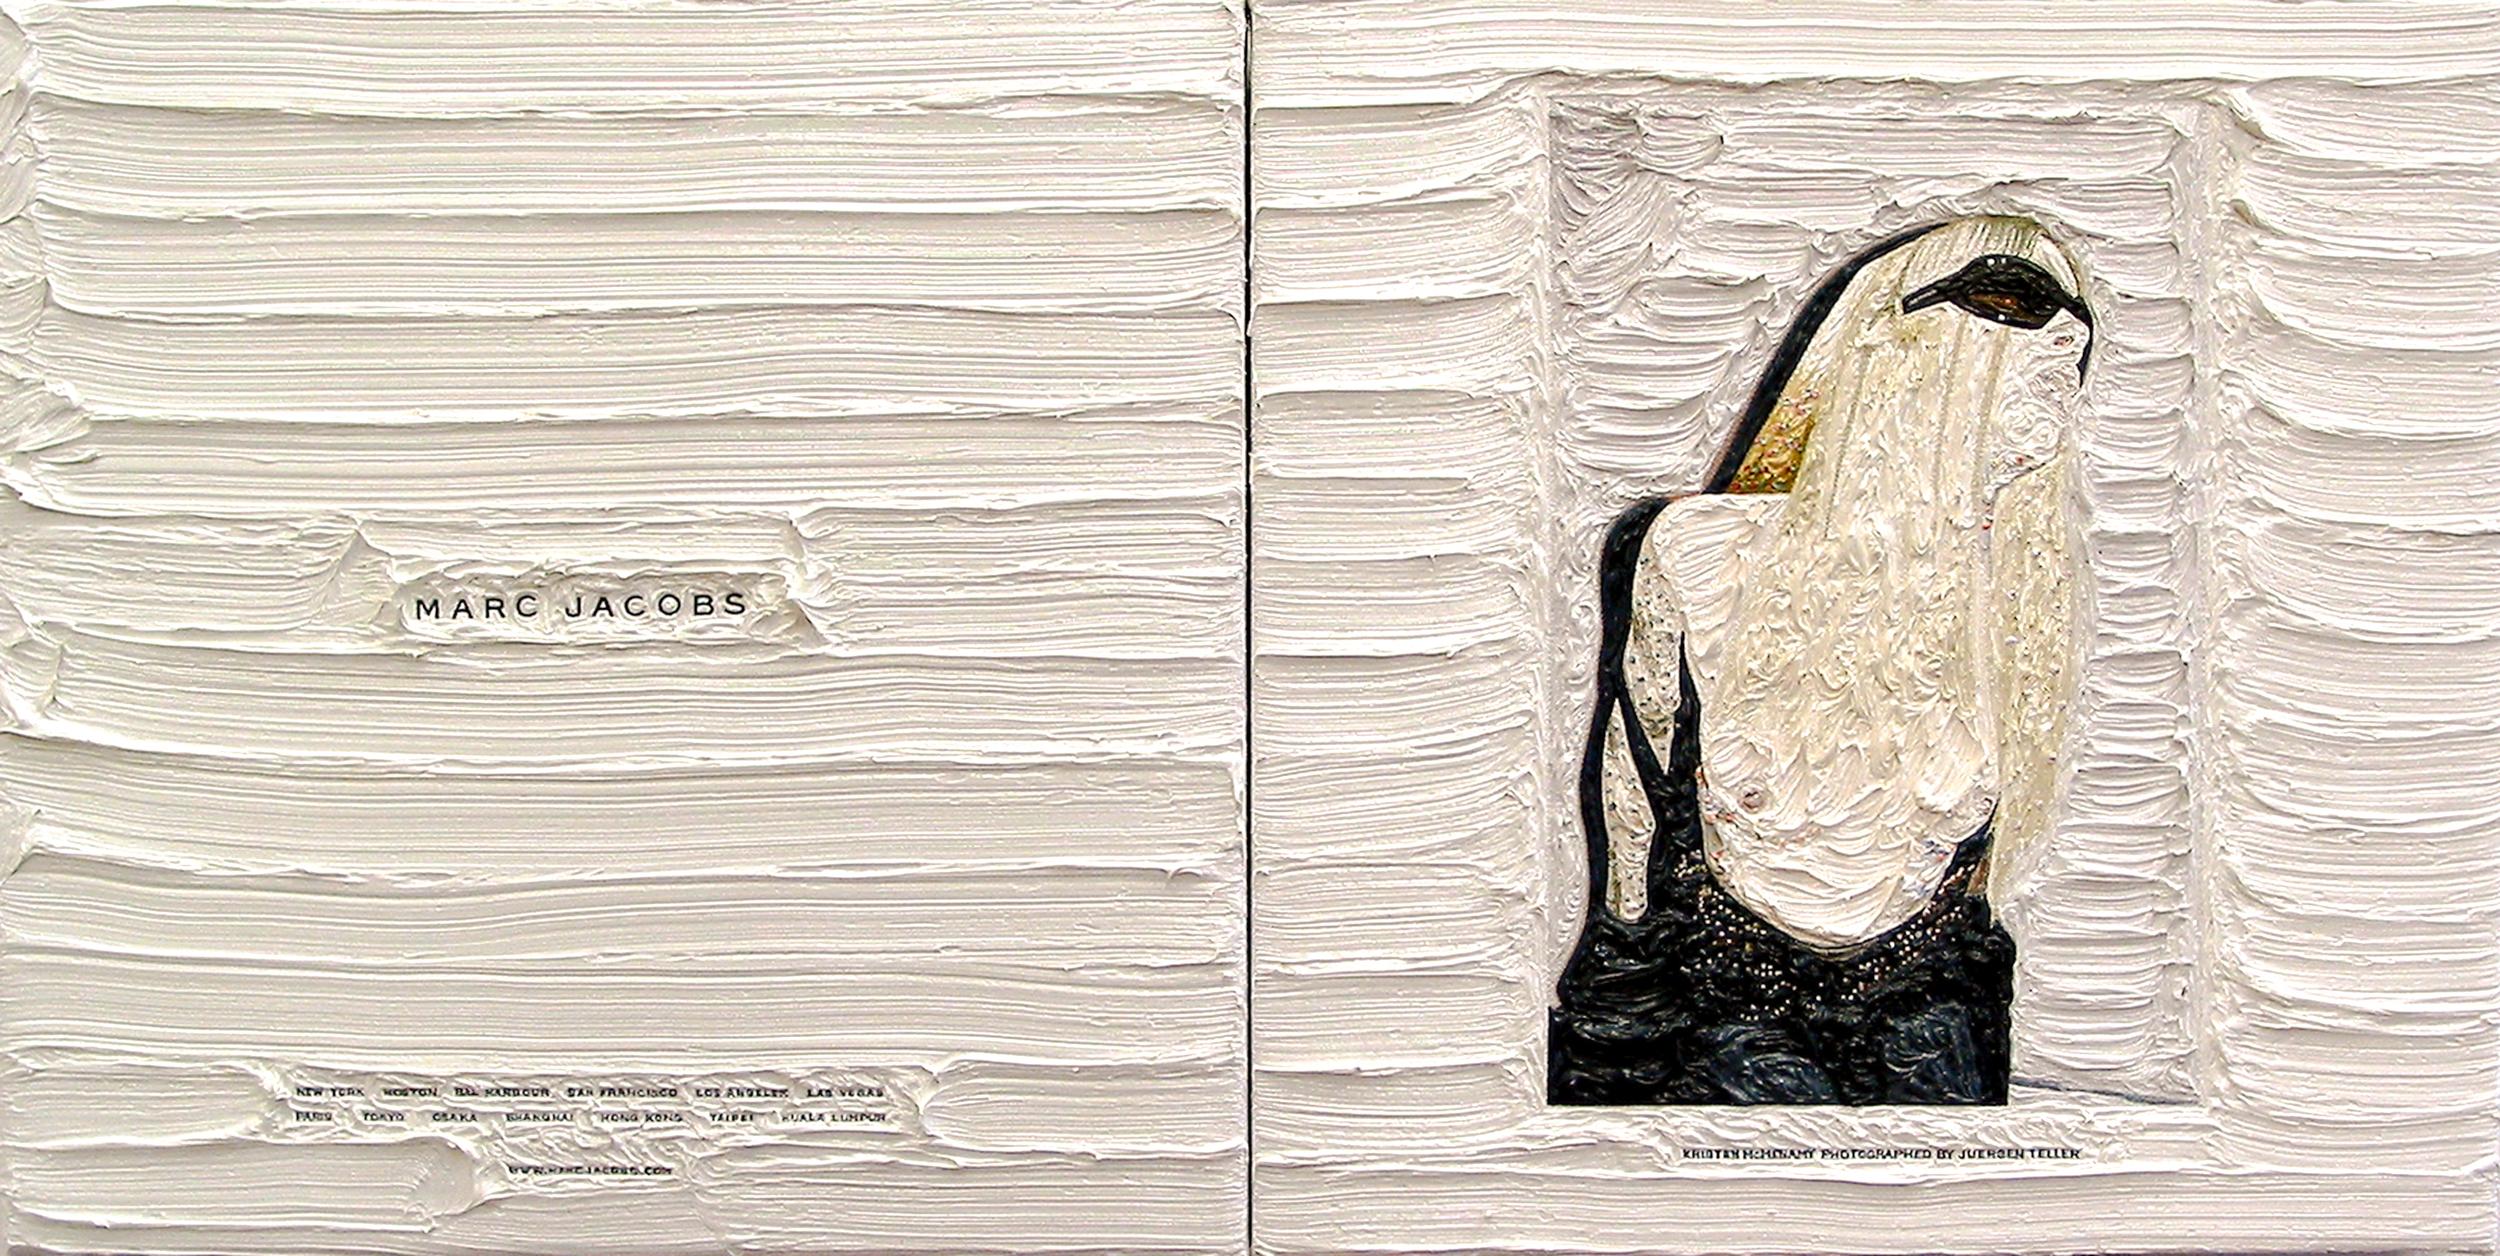 Marc Jacobs and Jurgen Teller, 26.5cm x 53cm, Oil on Linen, 2006.